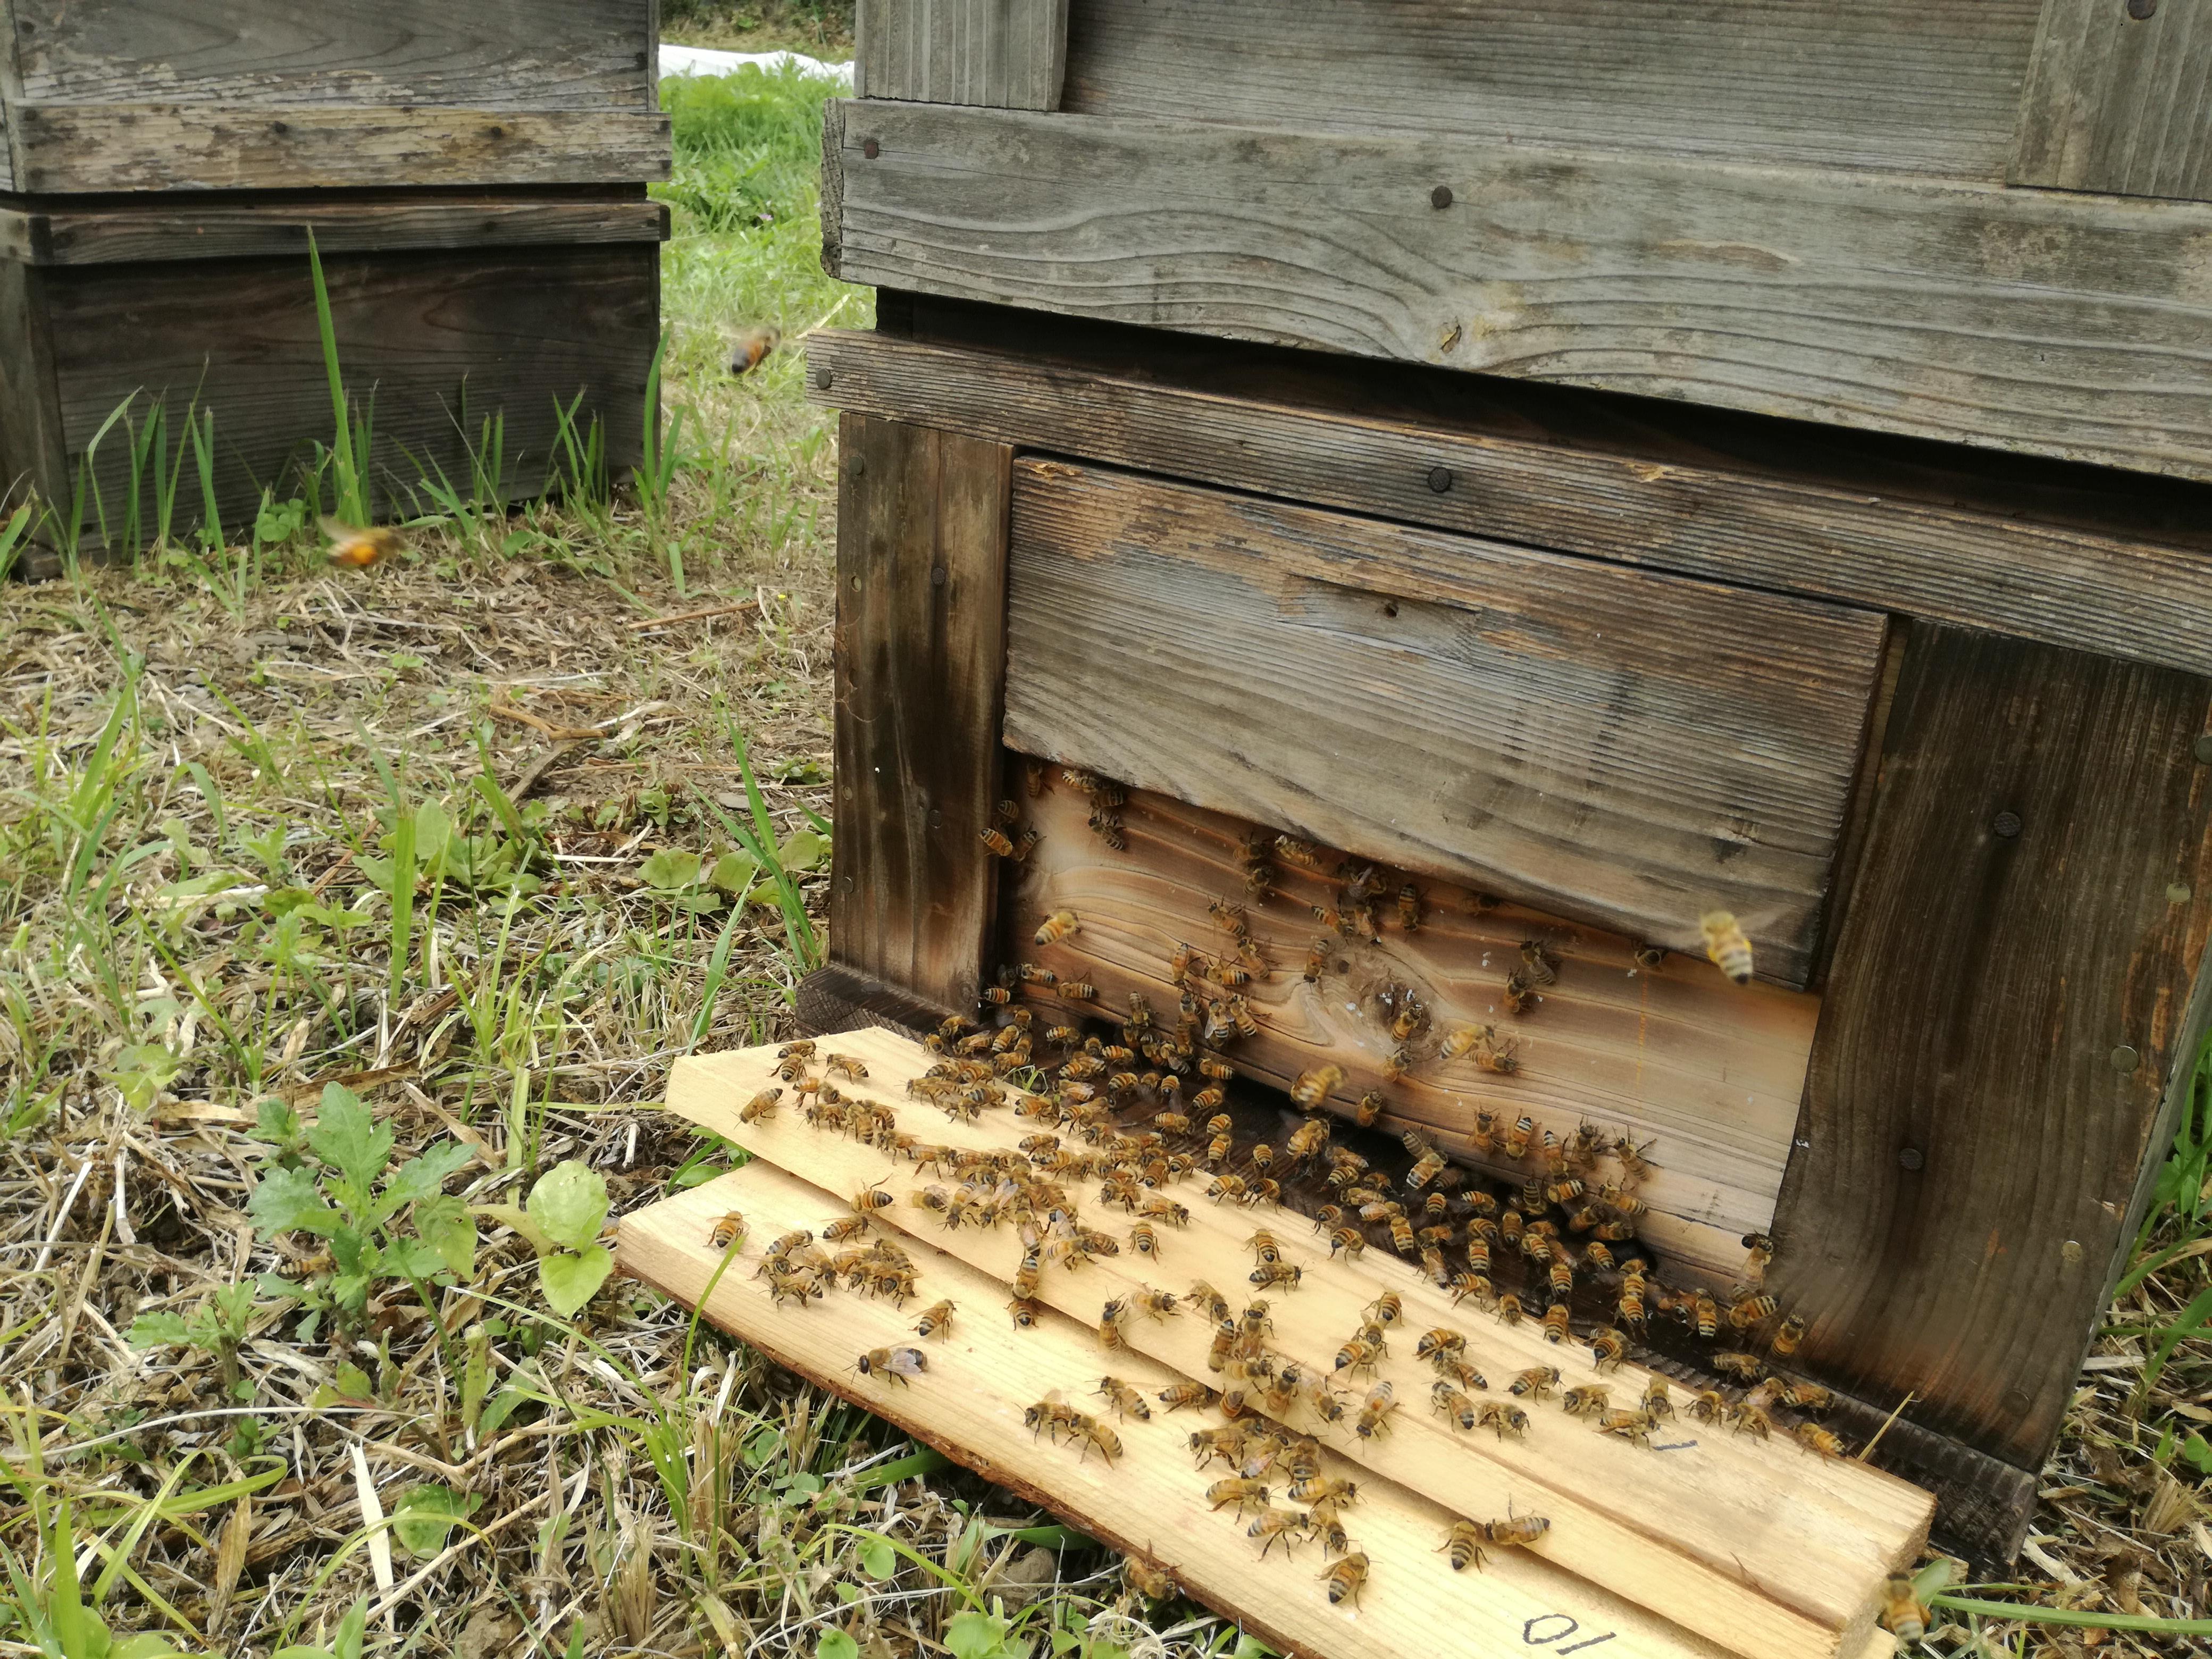 養蜂@ぶくぶく農園@小川町